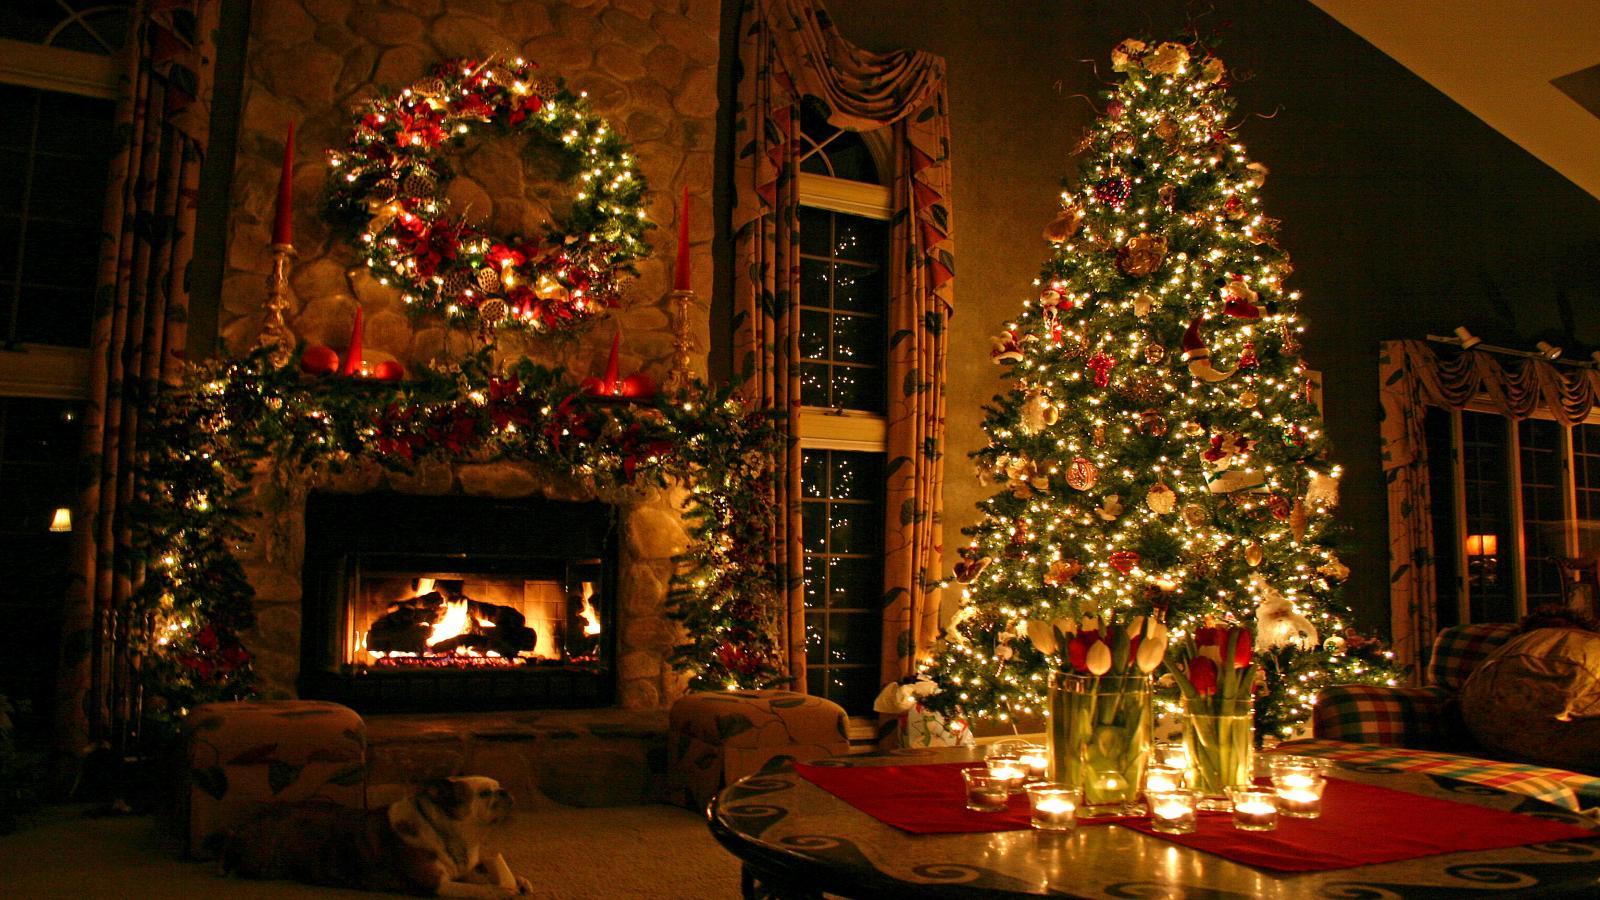 Christmas Season HD Wallpapers 1600x900 Christmas Wallpapers 1600x900 1600x900